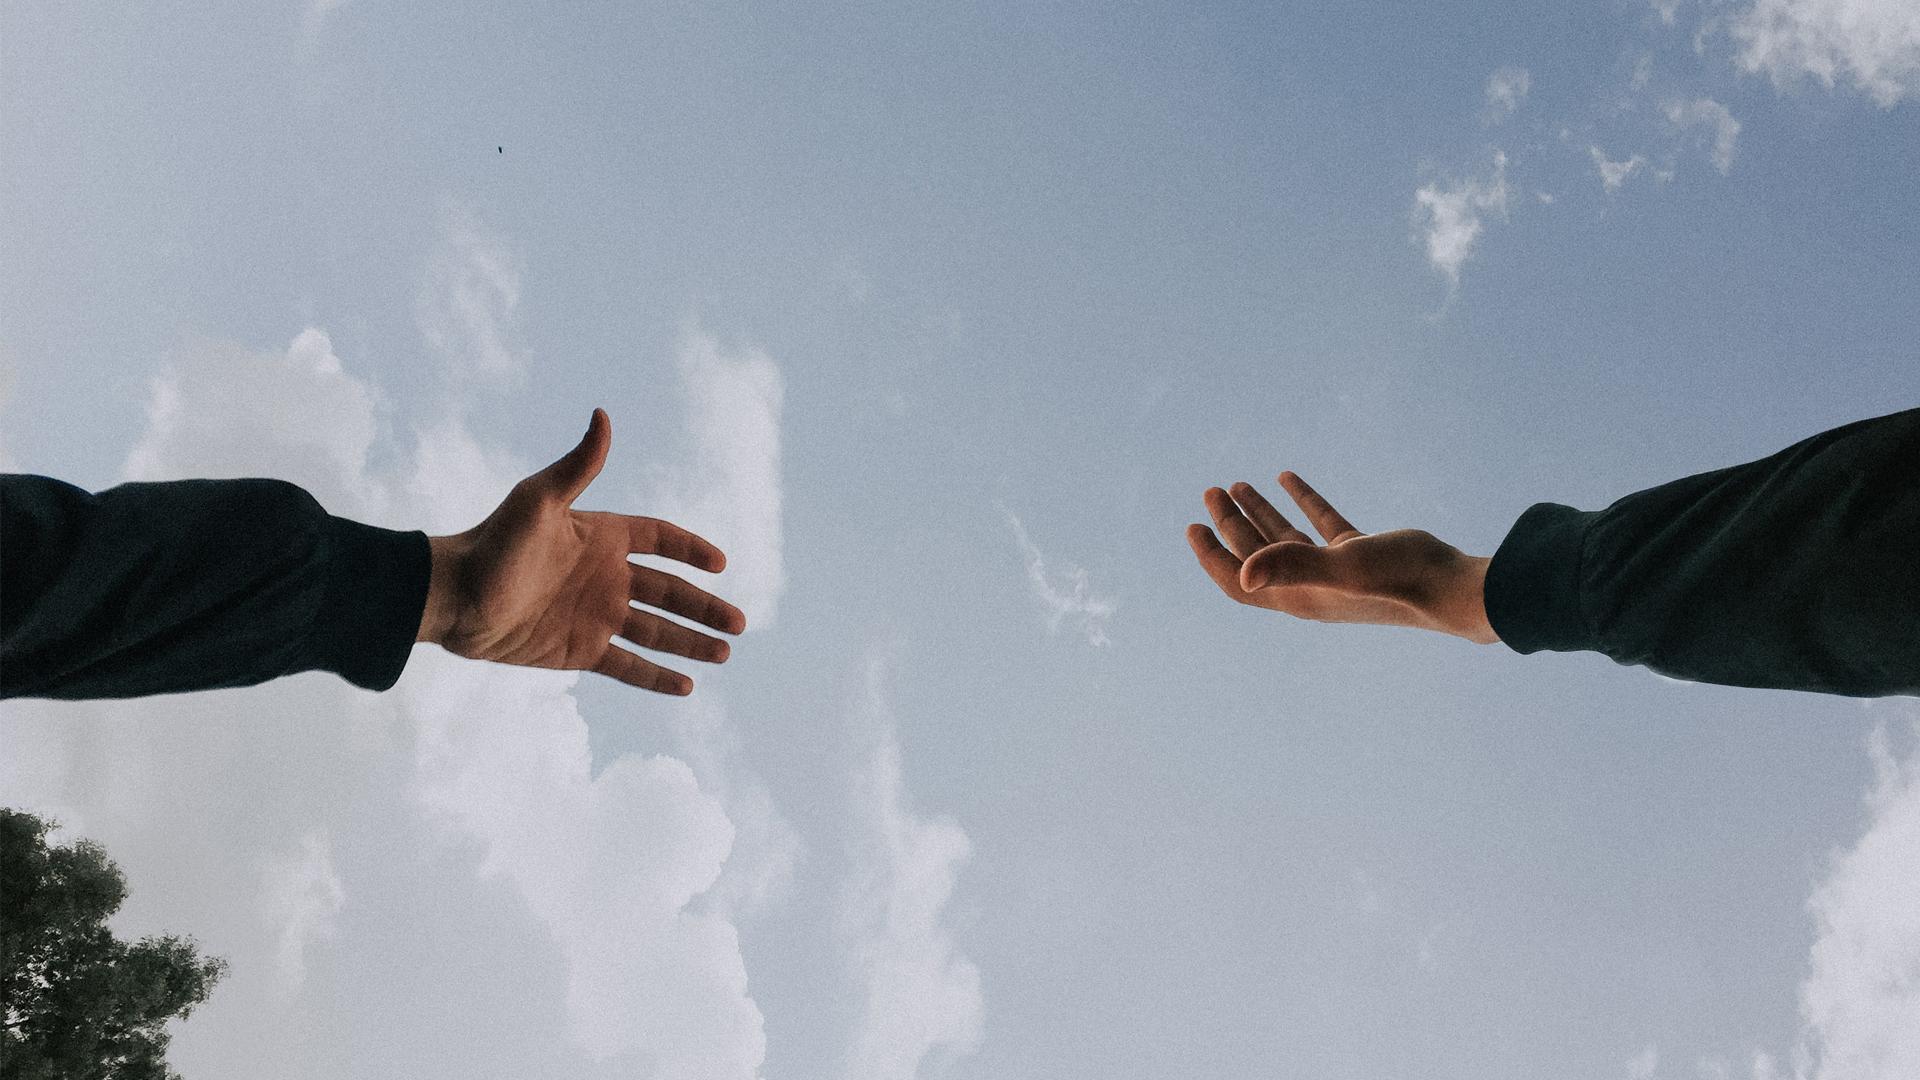 duas mãos perto de se tocarem